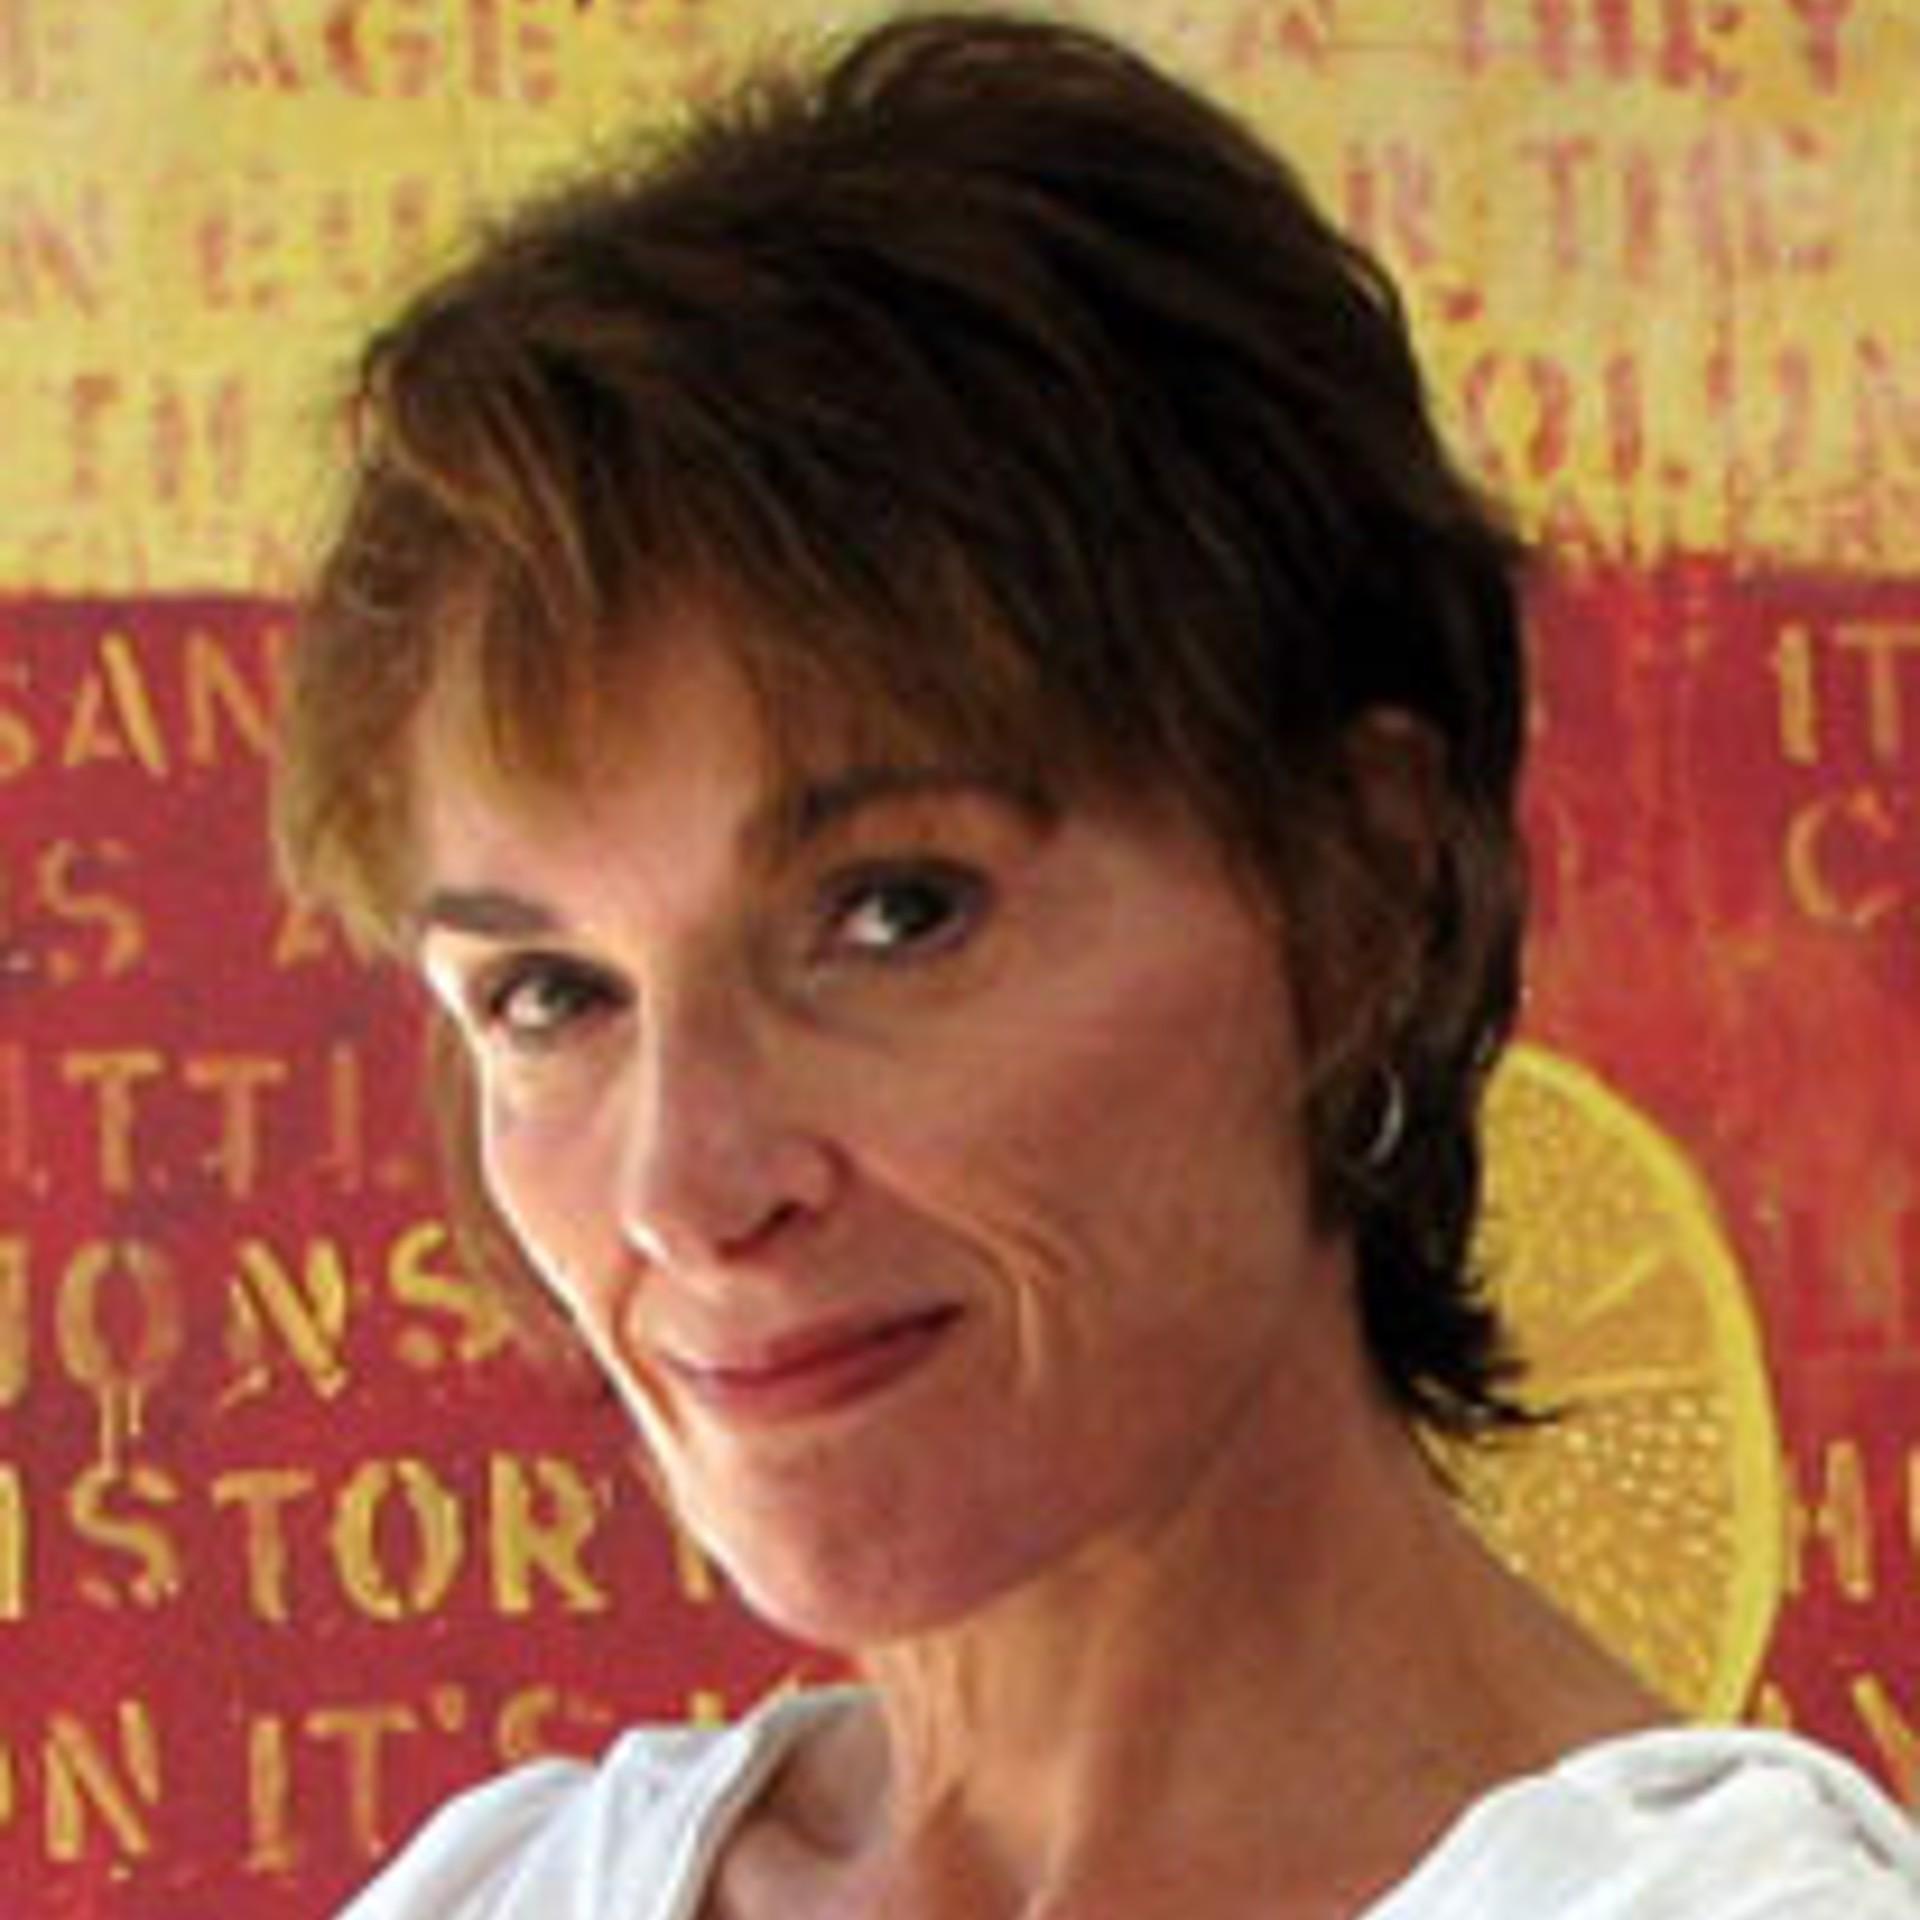 Melinda K. Hall